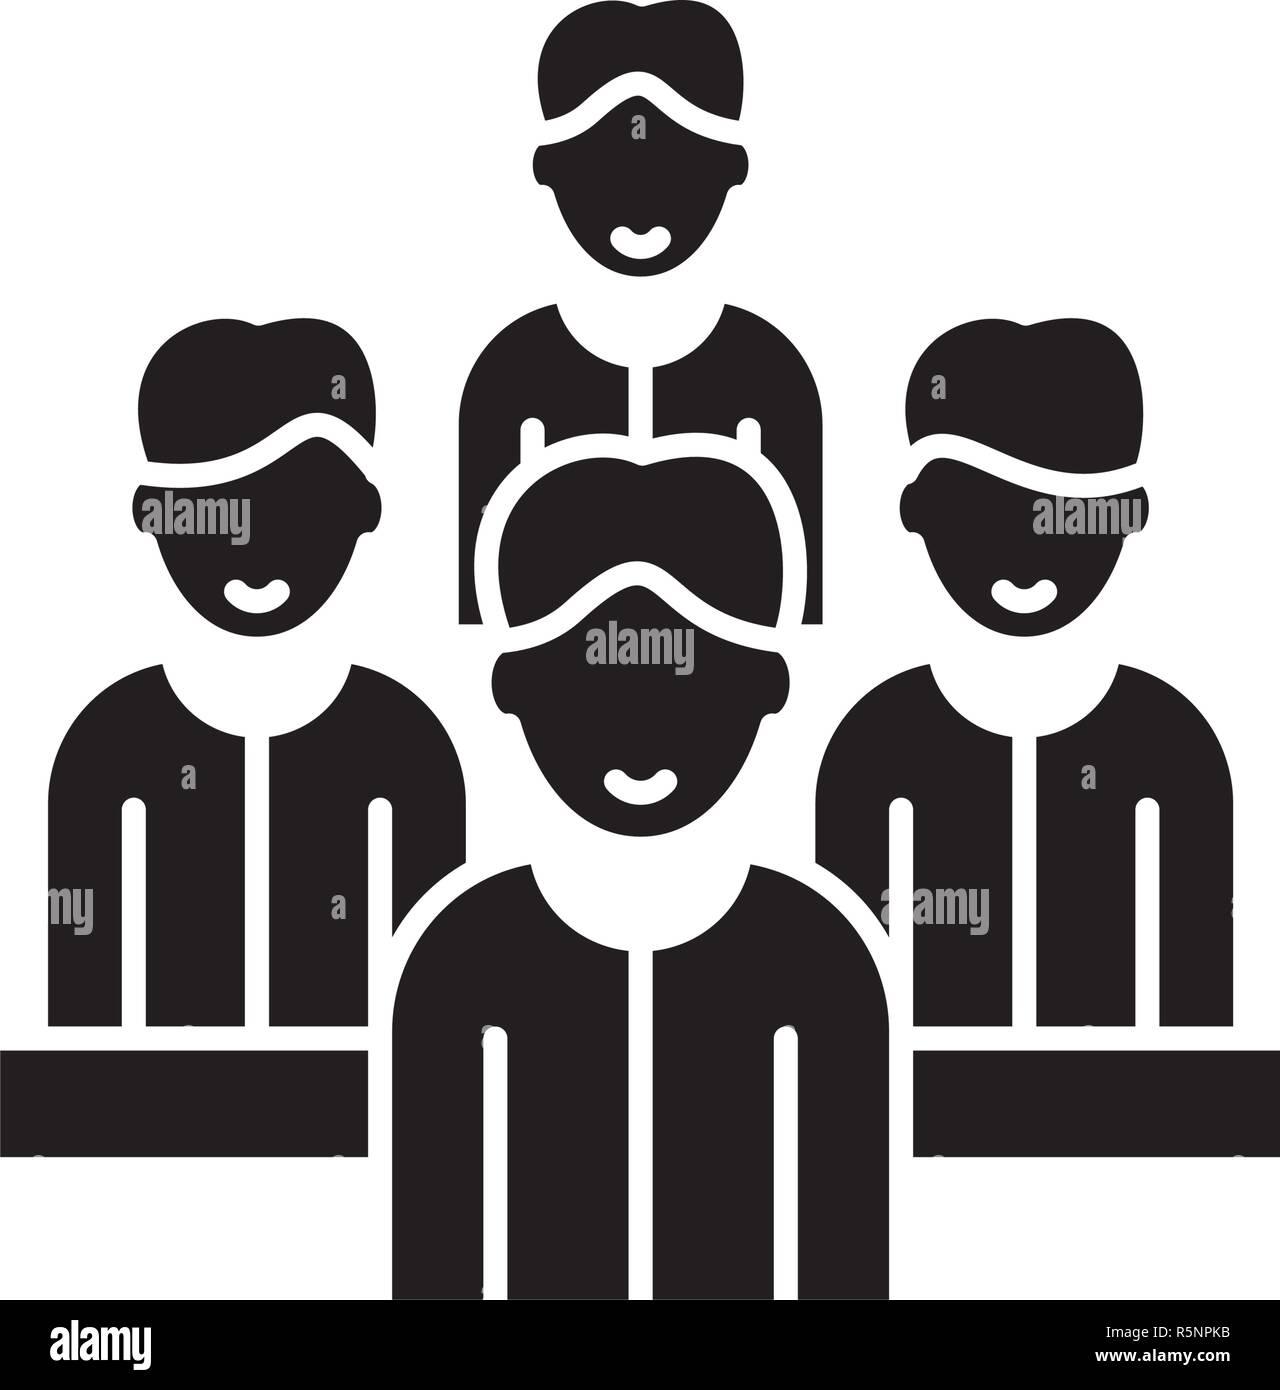 Team Agile icona nera, segno del vettore su sfondo isolato. Team Agile concetto simbolo, illustrazione Immagini Stock